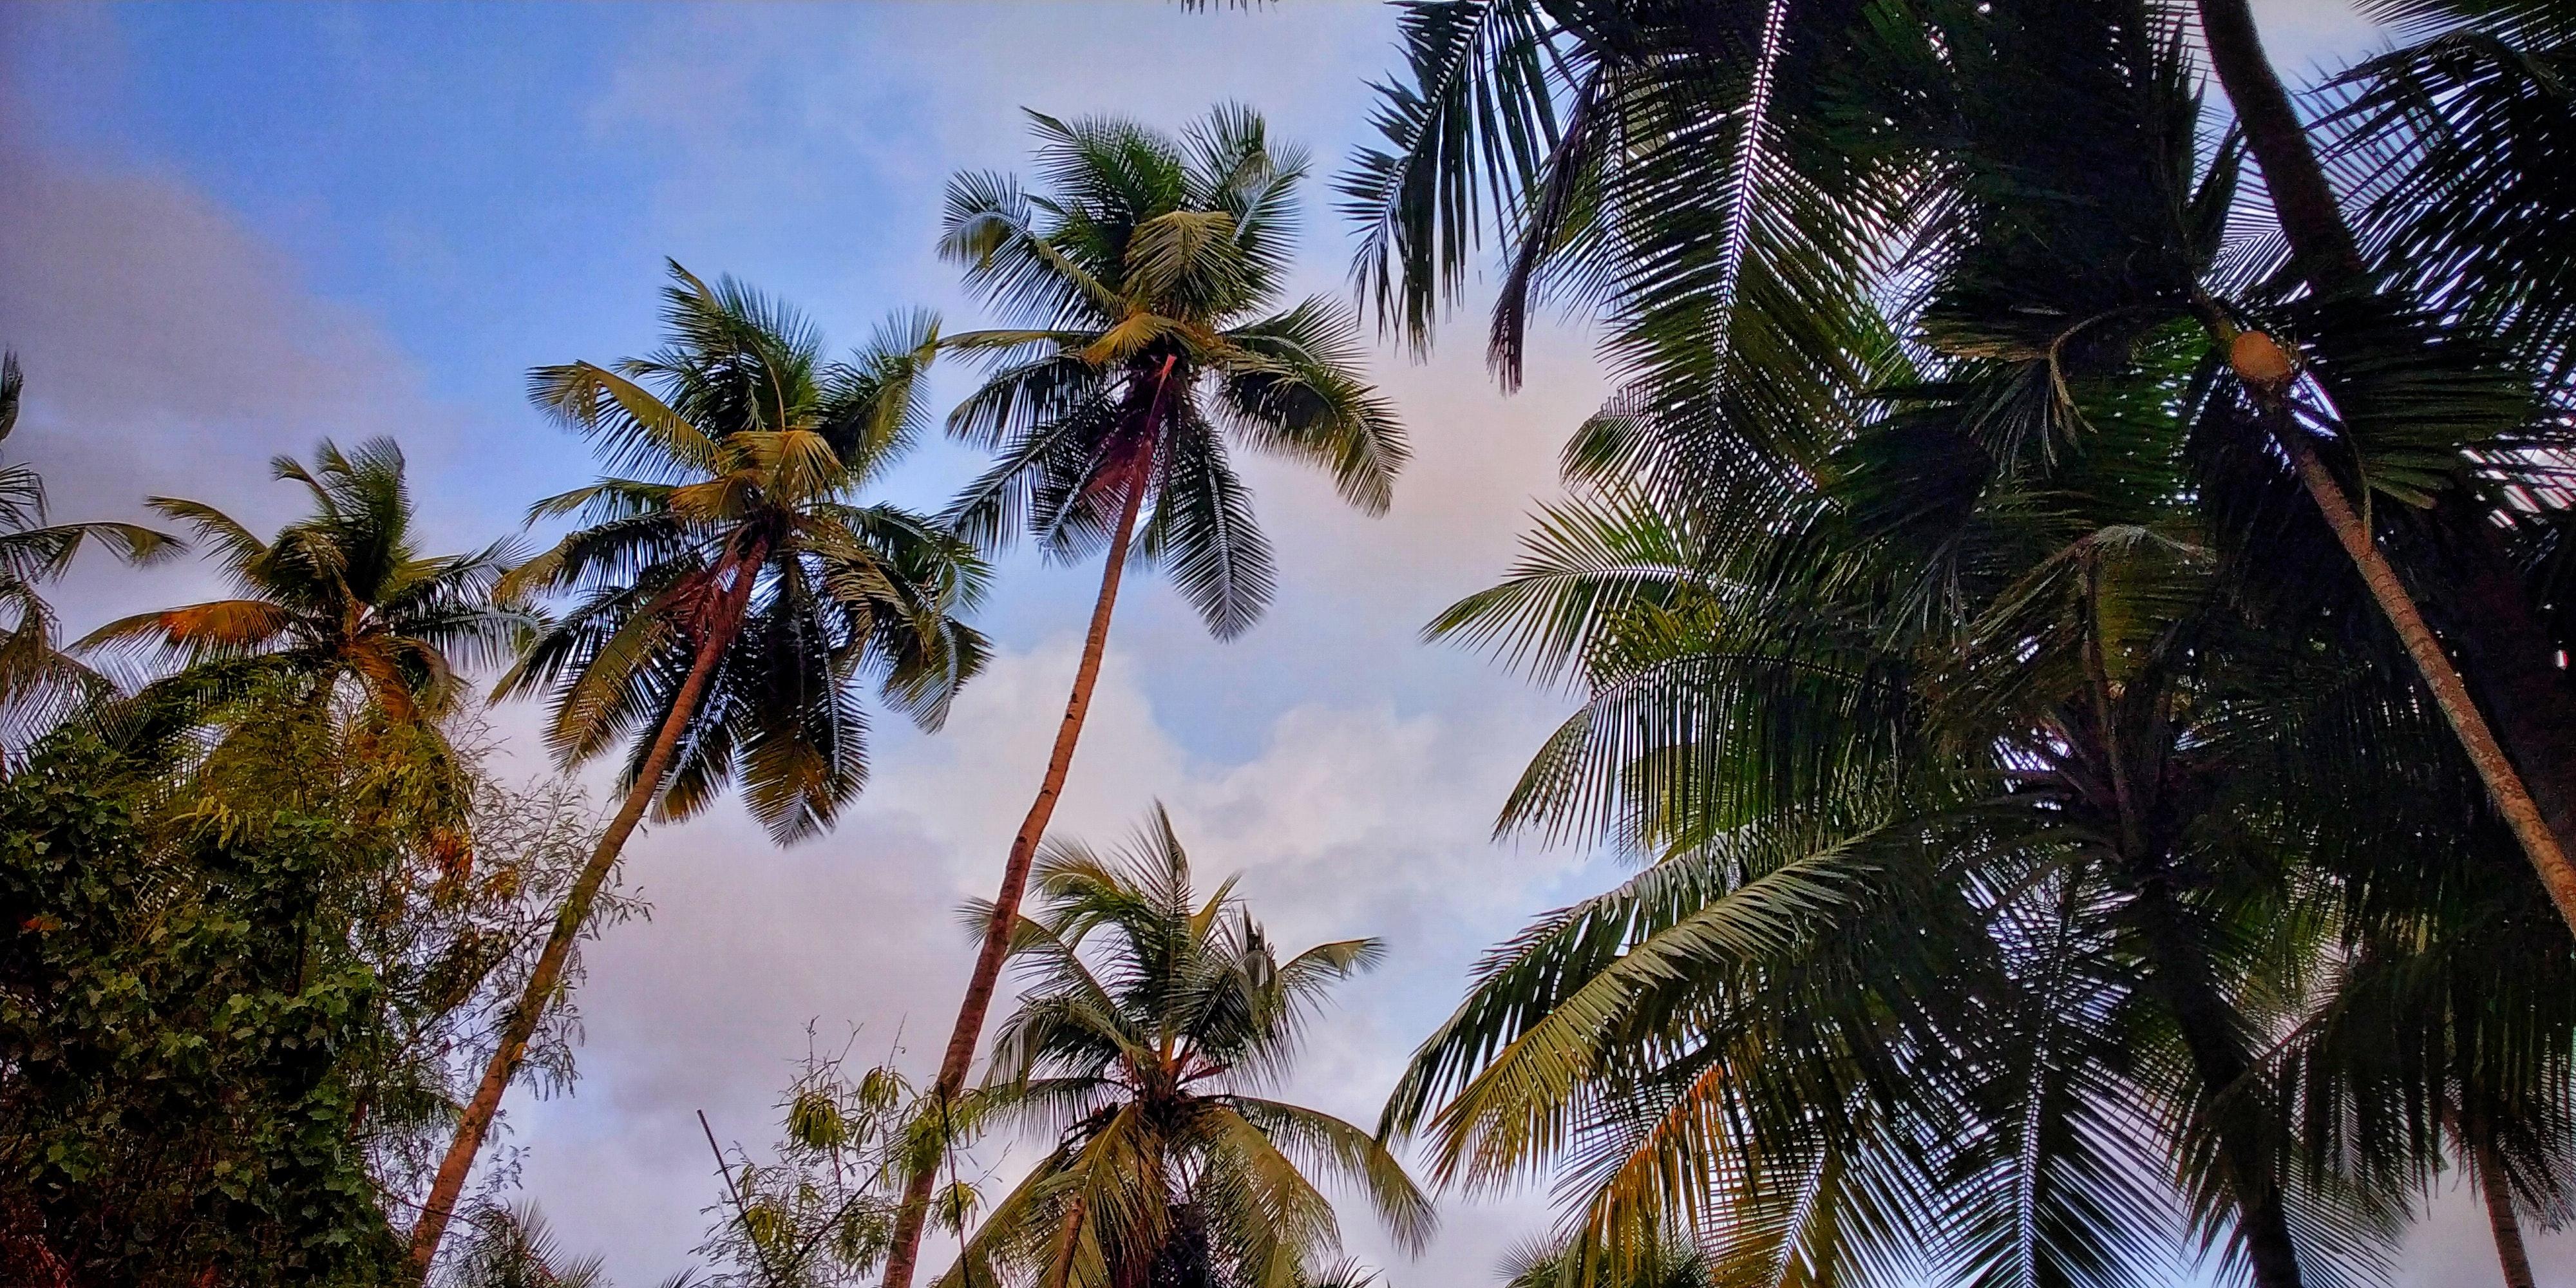 Những cây dừa cao tận trời thật đẹp